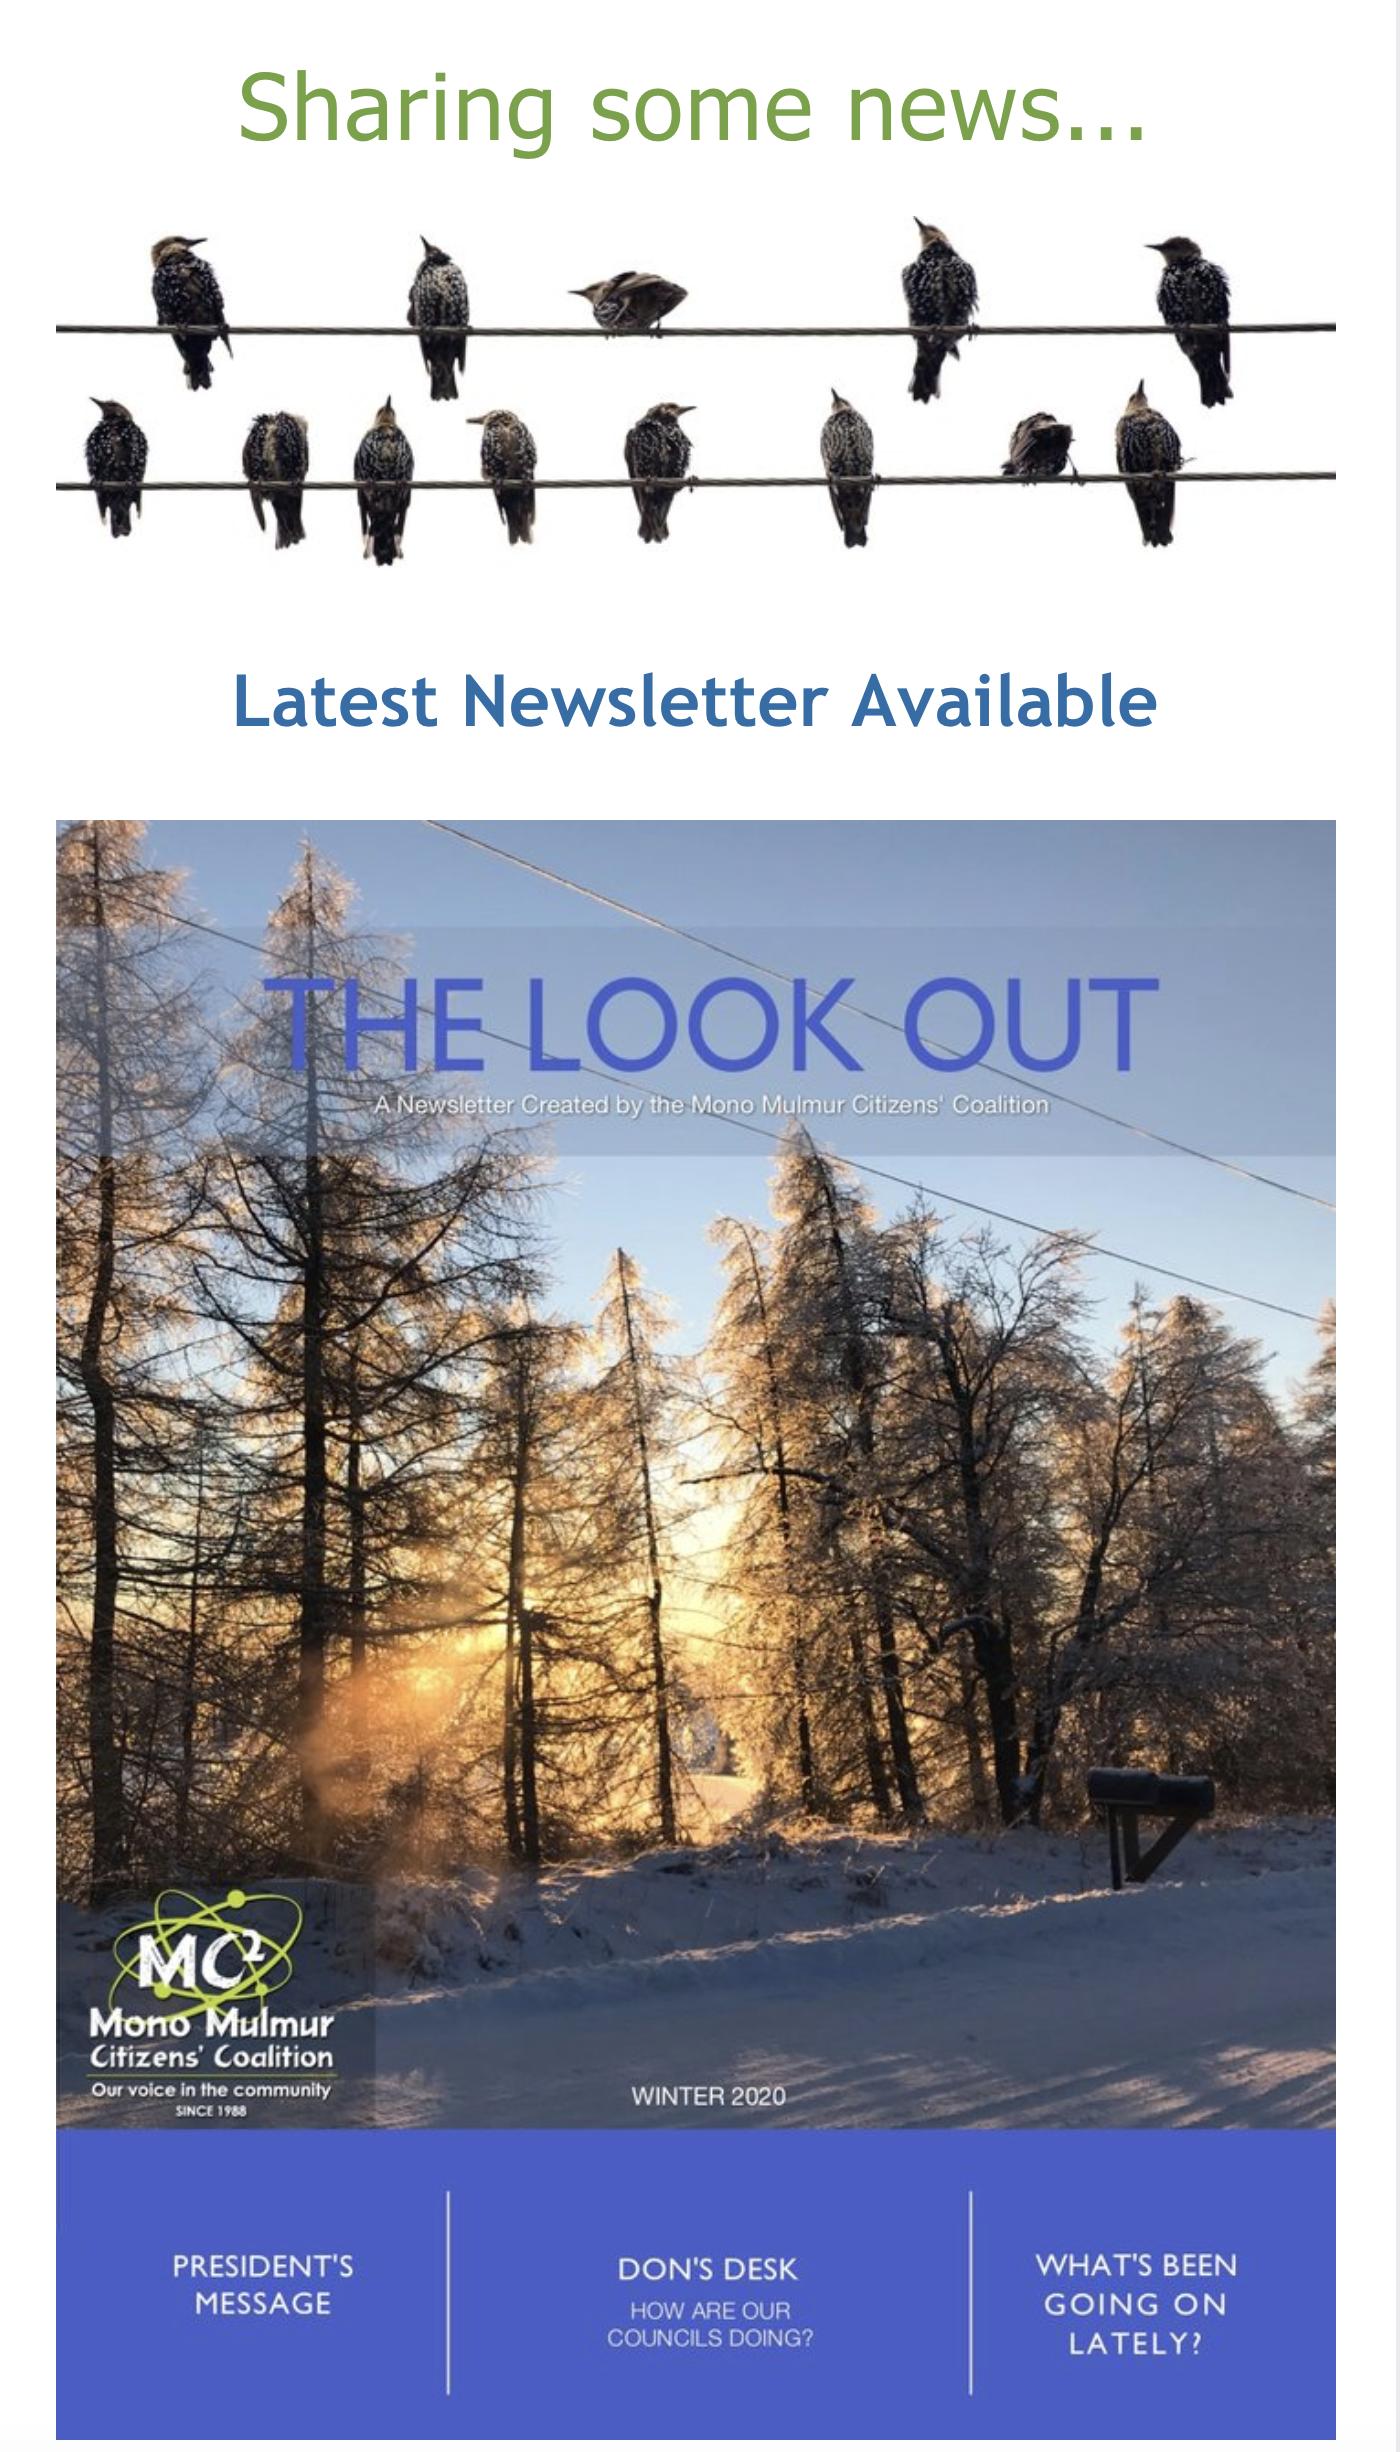 Winternewsletter2020